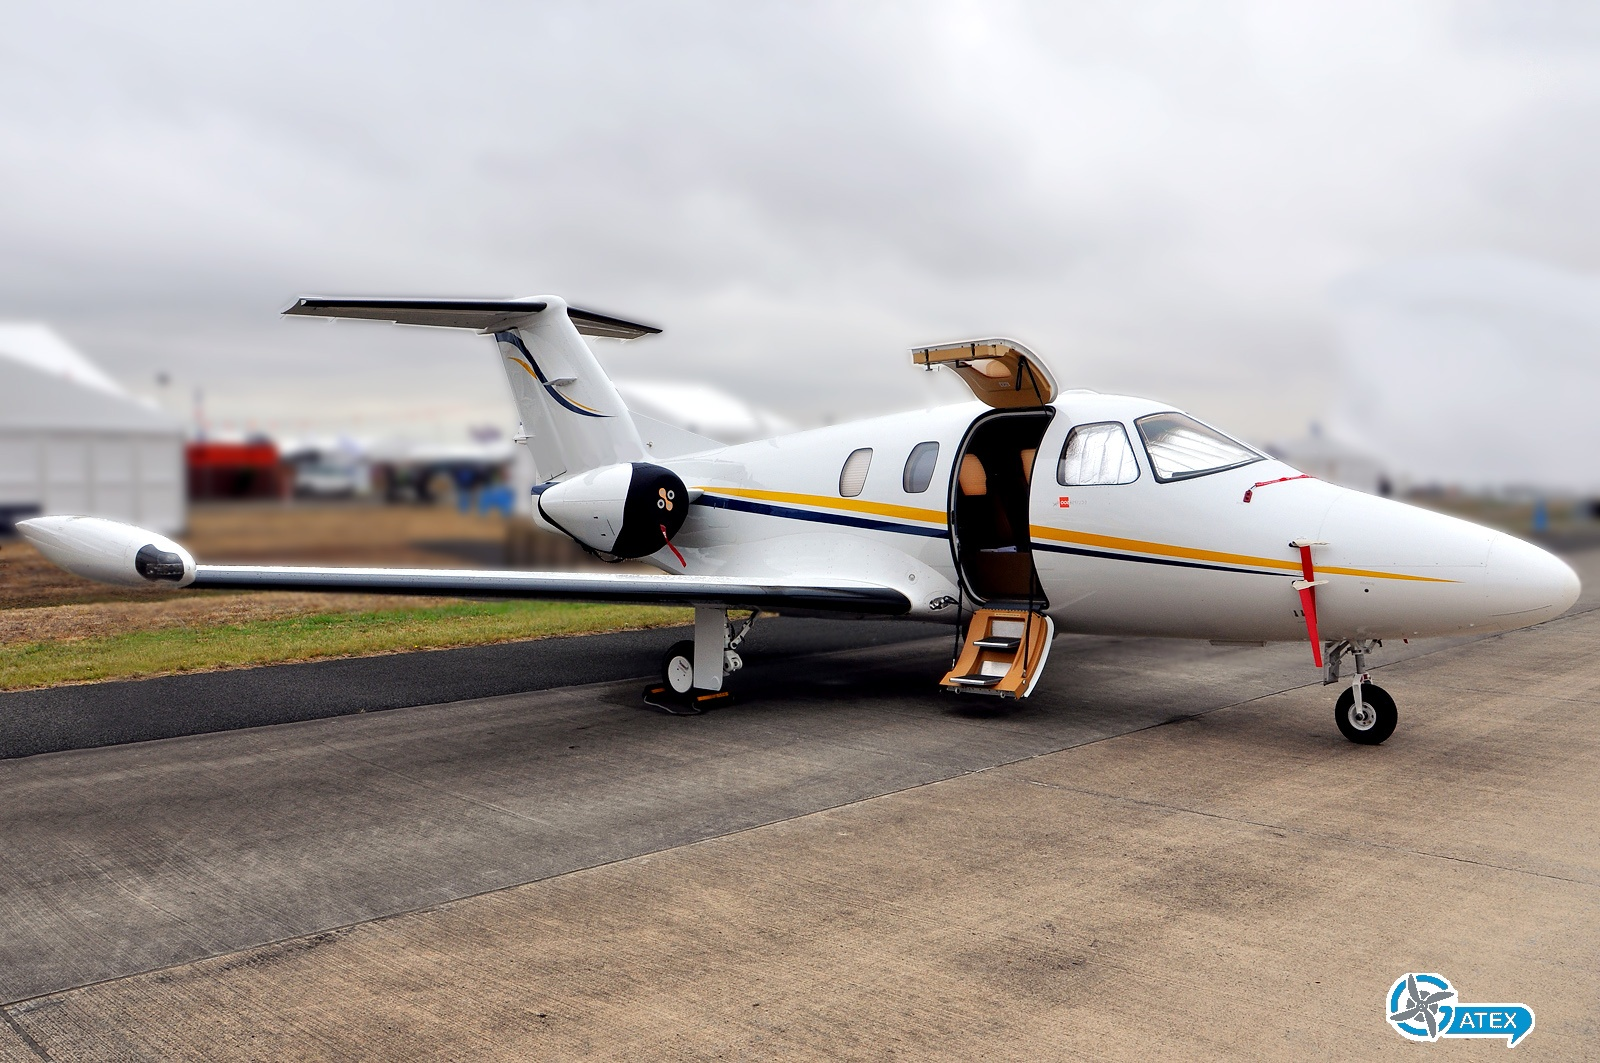 Купить самолет и летать на моря - реальность